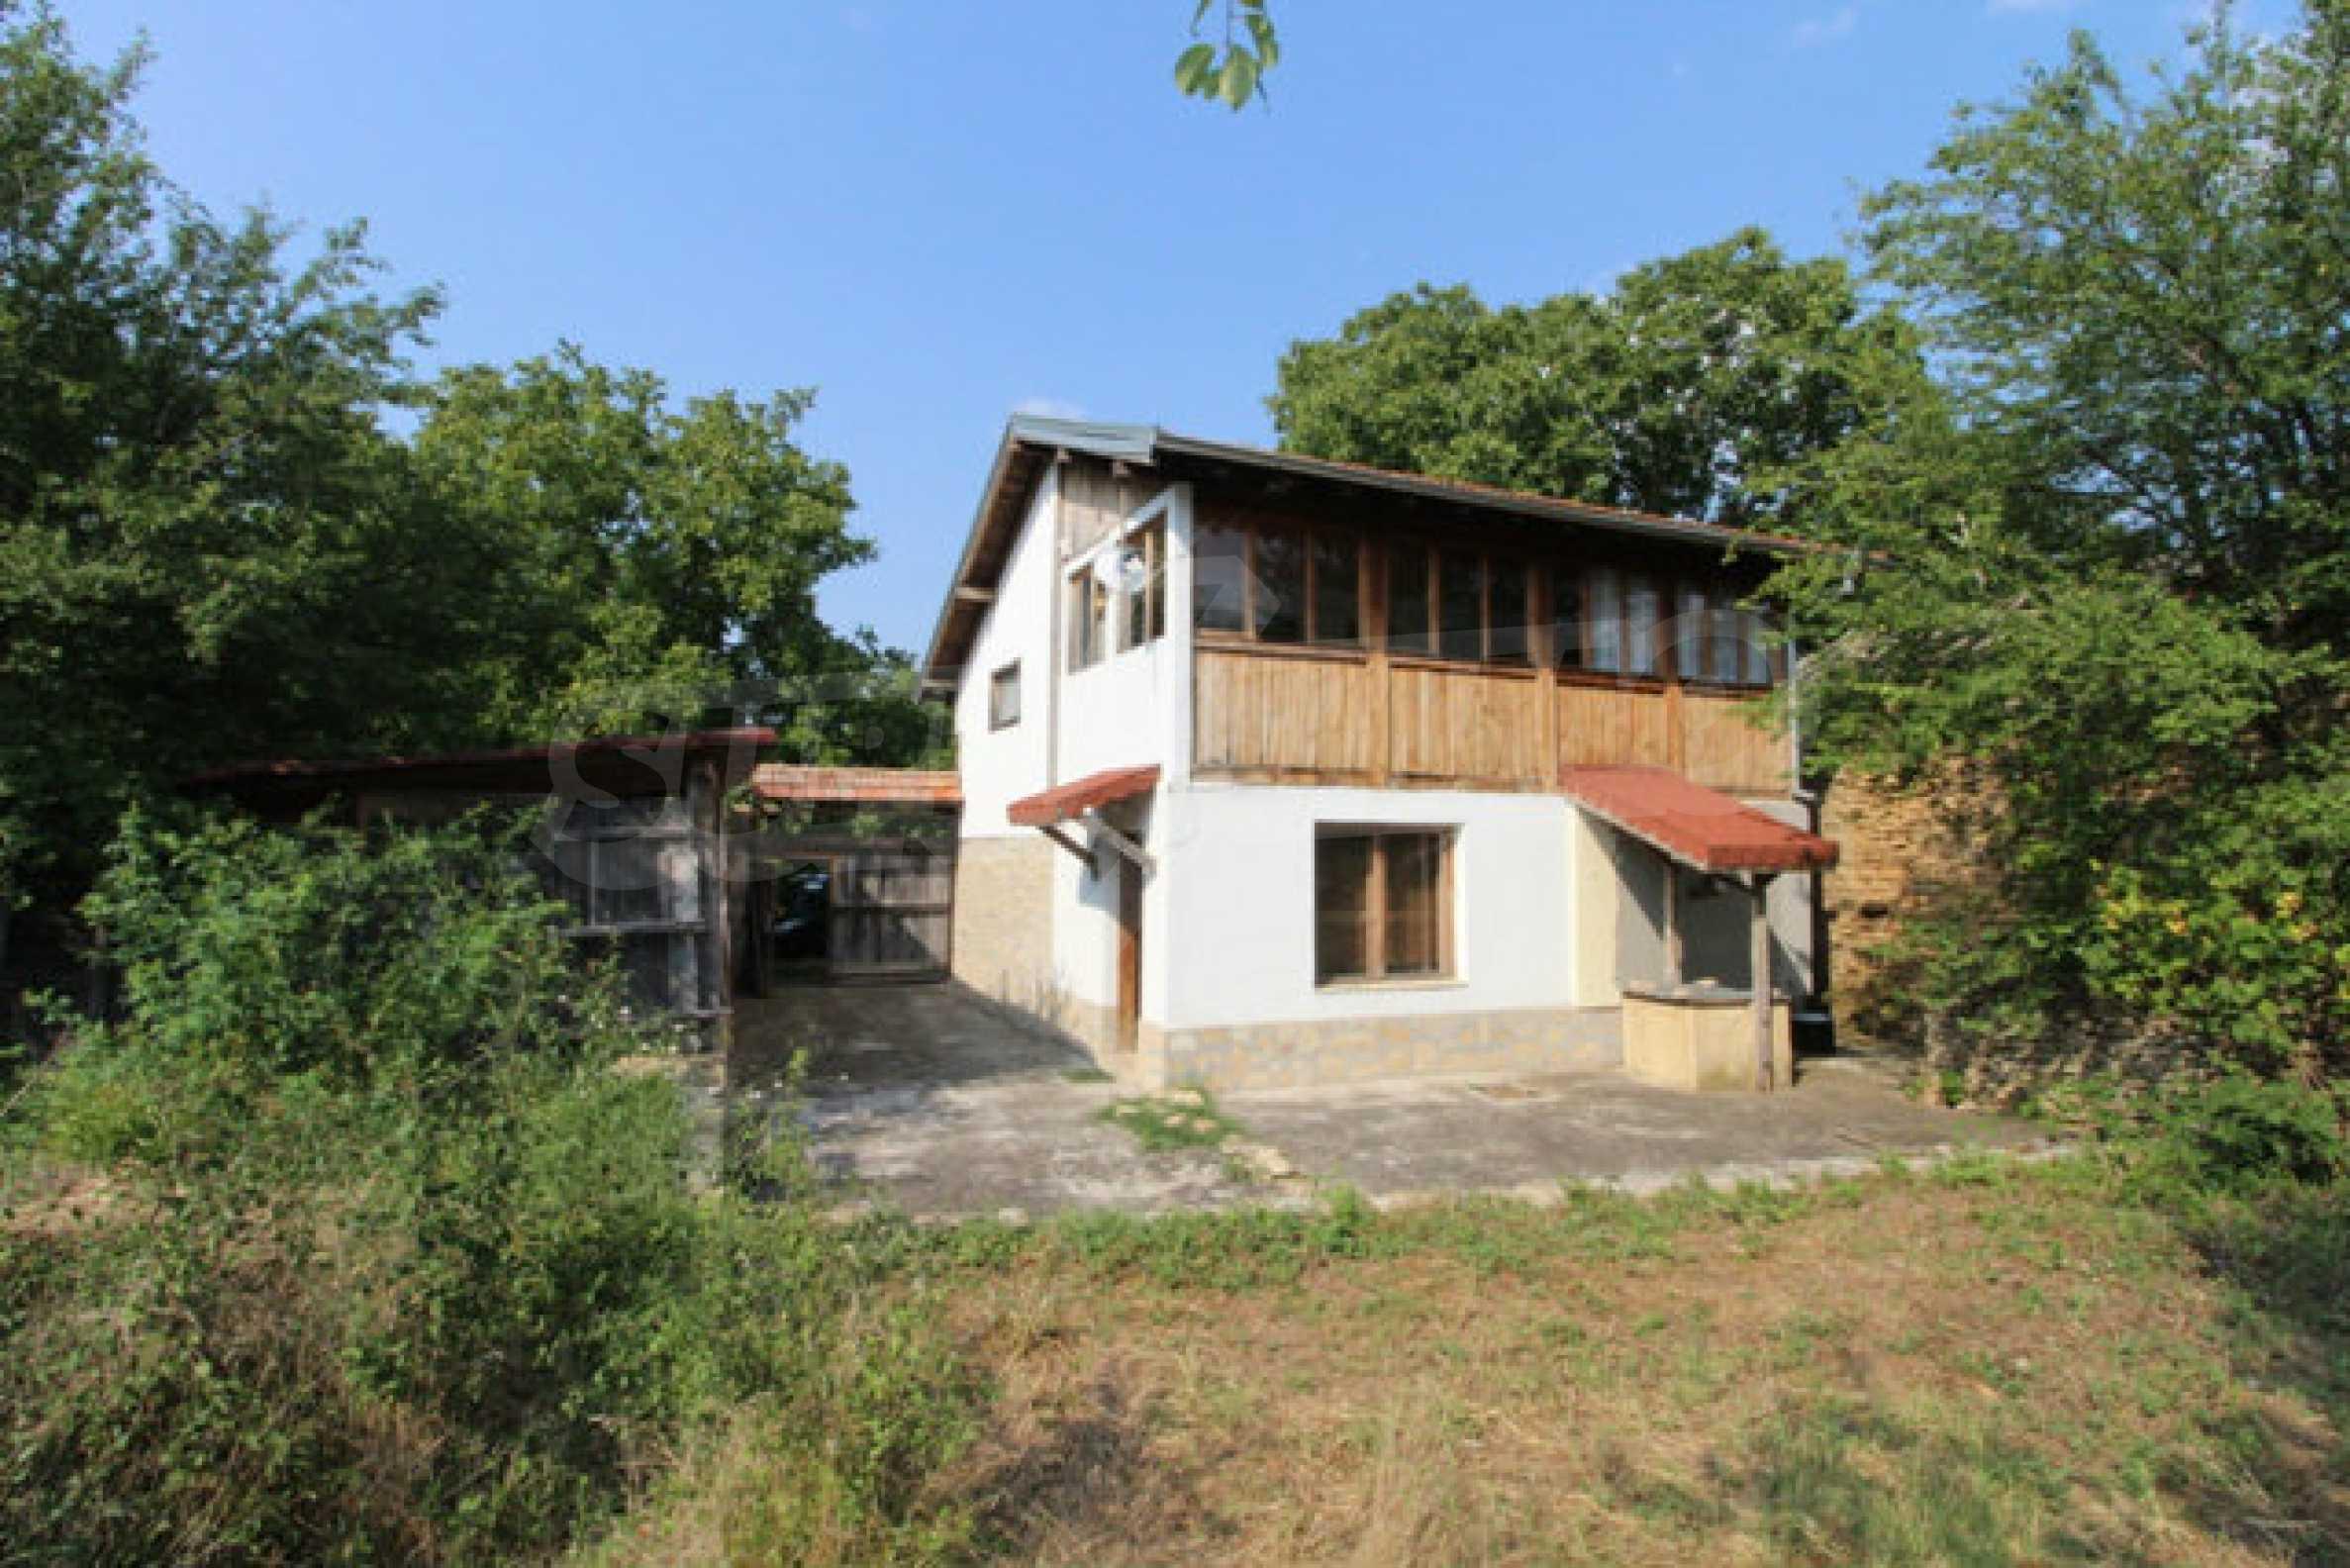 Neugebautes Haus im traditionellen bulgarischen Stil 2